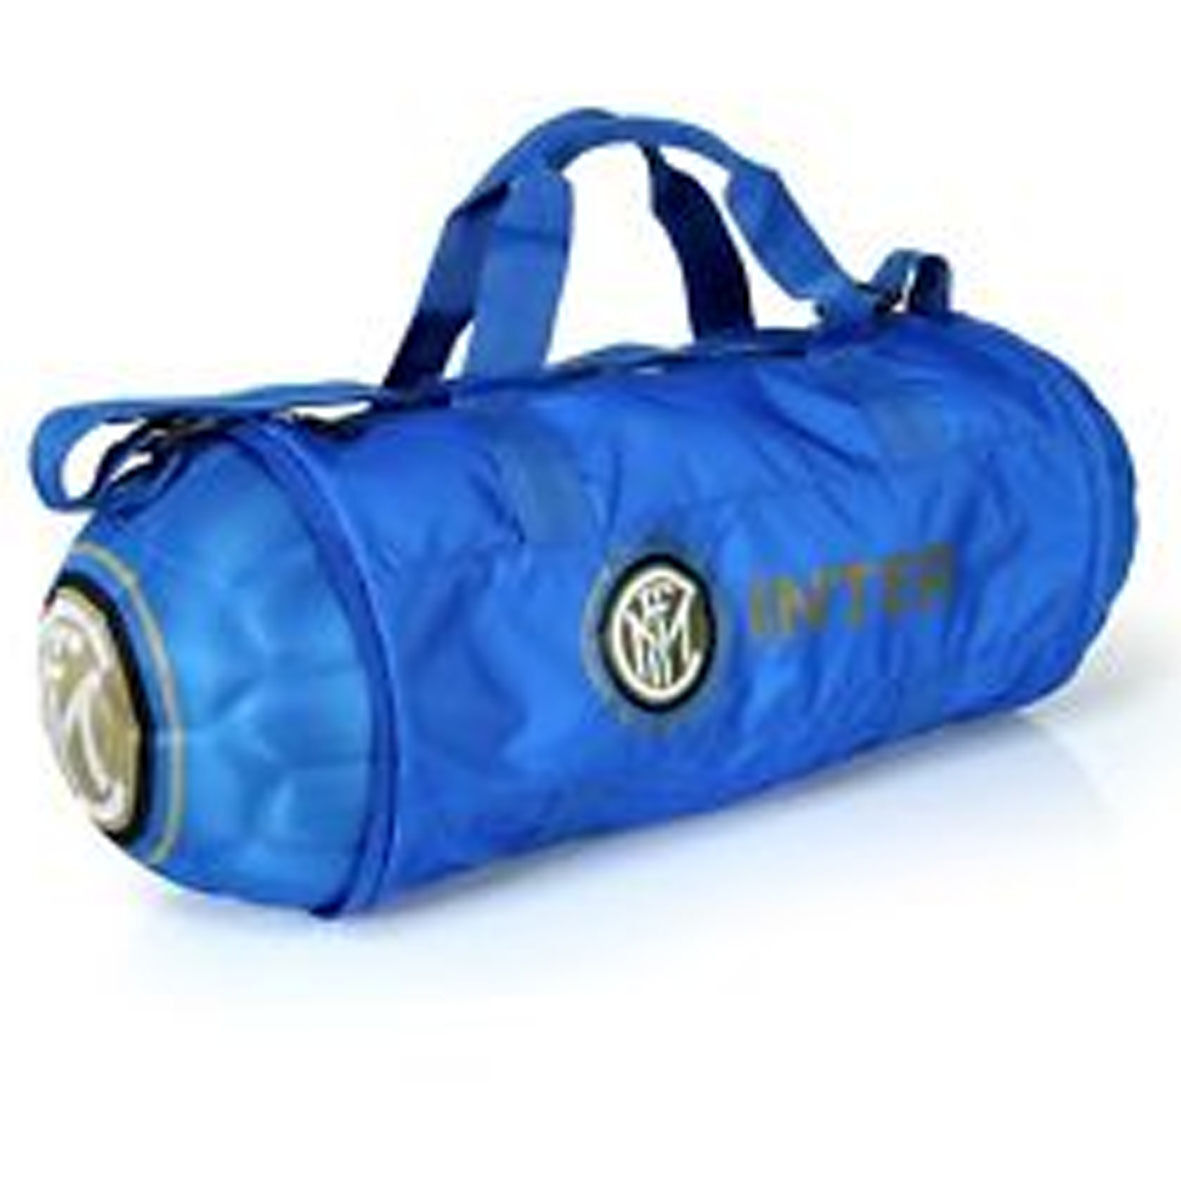 INTER borsone blu sporte tempo libero pieghevole richiudibile con con richiudibile zip a pallone 2386c4